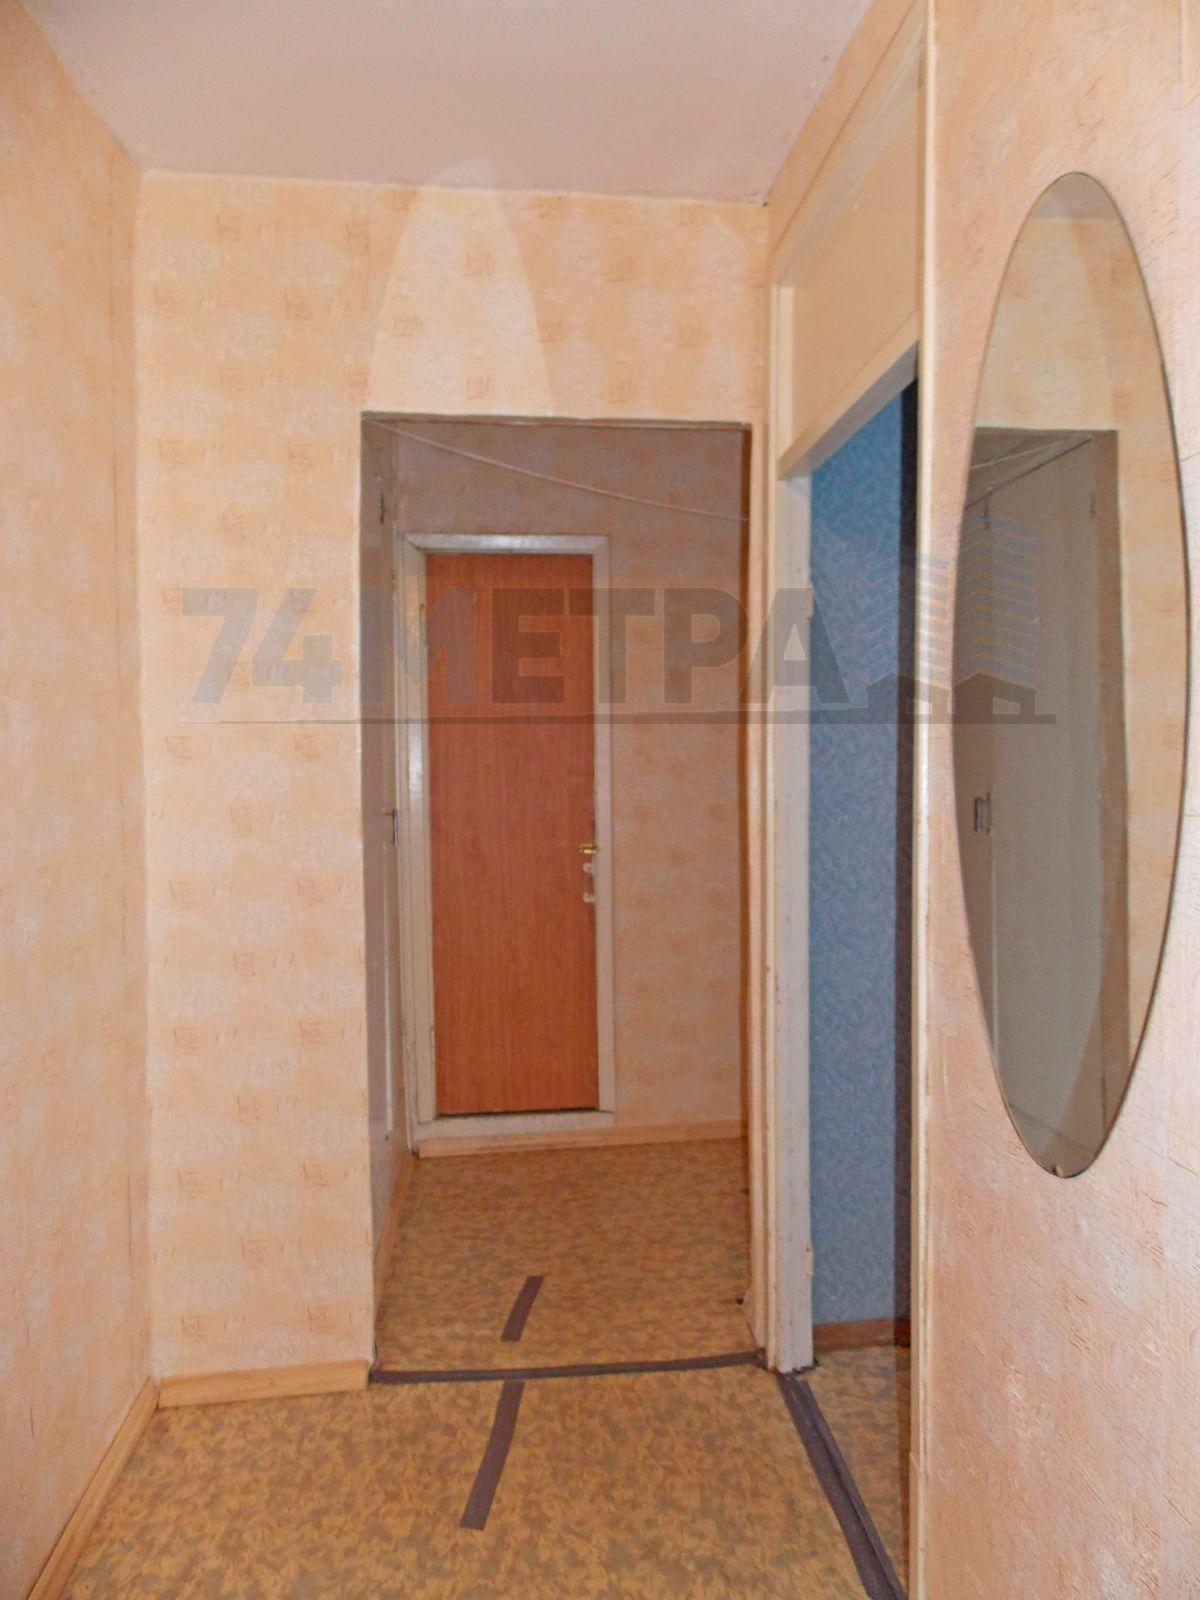 9 000 ₽, 1 - комнатная квартира, площадь 36 м², этаж 7/10